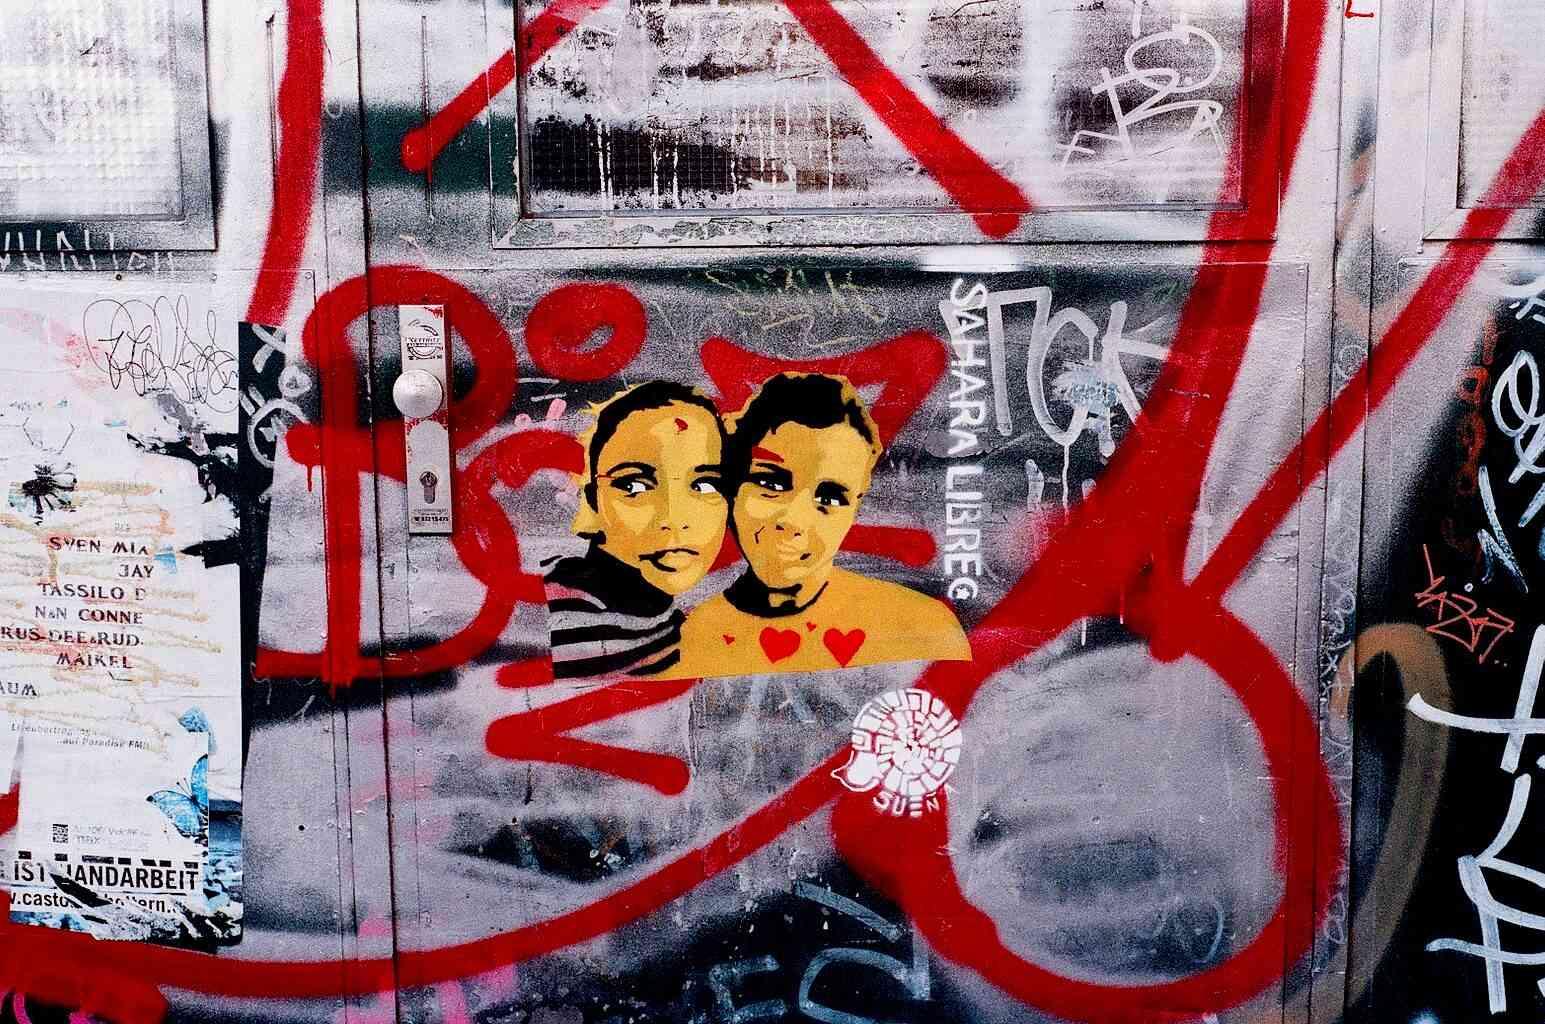 Berlin, July 2012, copyright Benoît Perriard